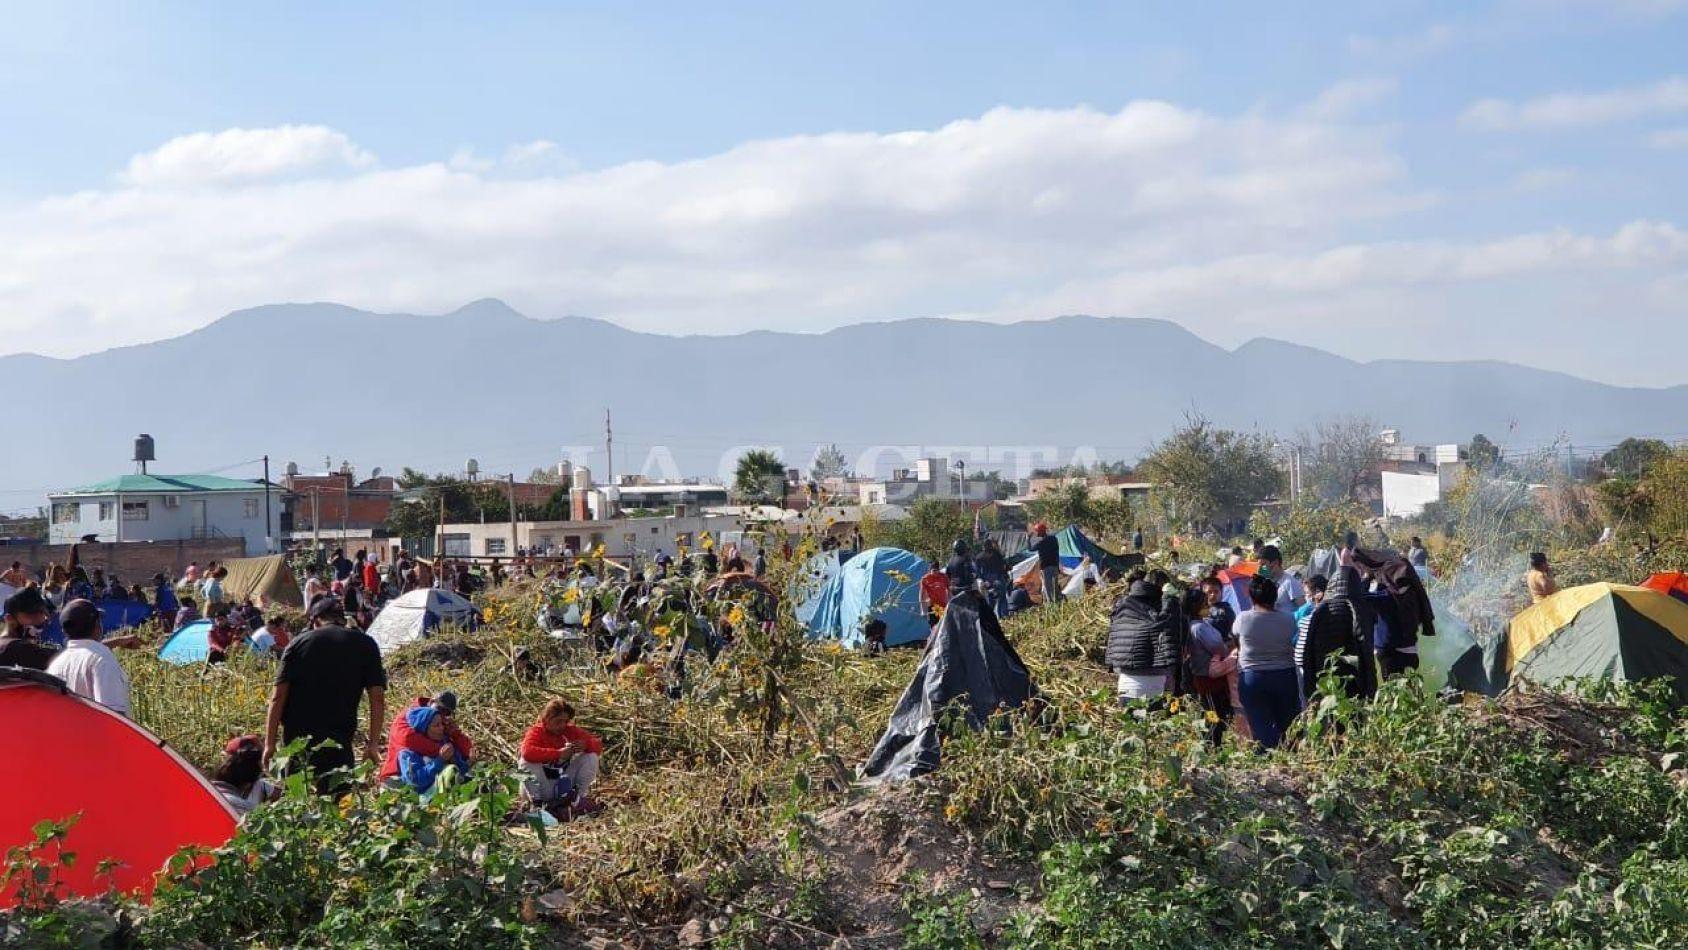 Hoy continúa la mediación por la toma de tierras en Parque La Vega